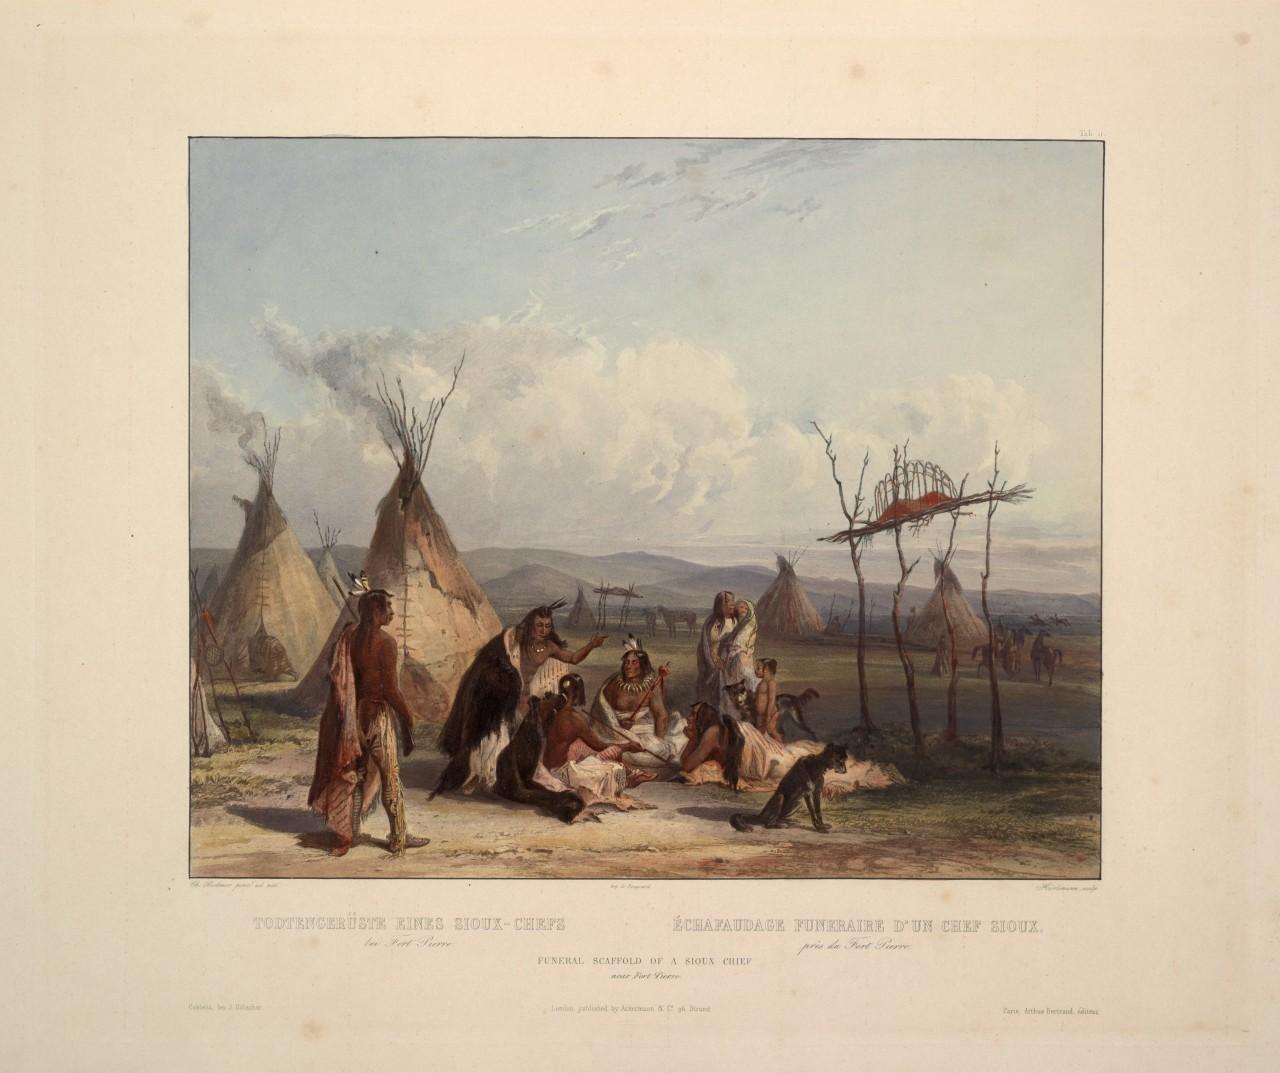 http://infoglaz.ru/wp-content/uploads/Funeral_scaffold_of_a_Sioux_chief_0044v-1280x1073.jpg